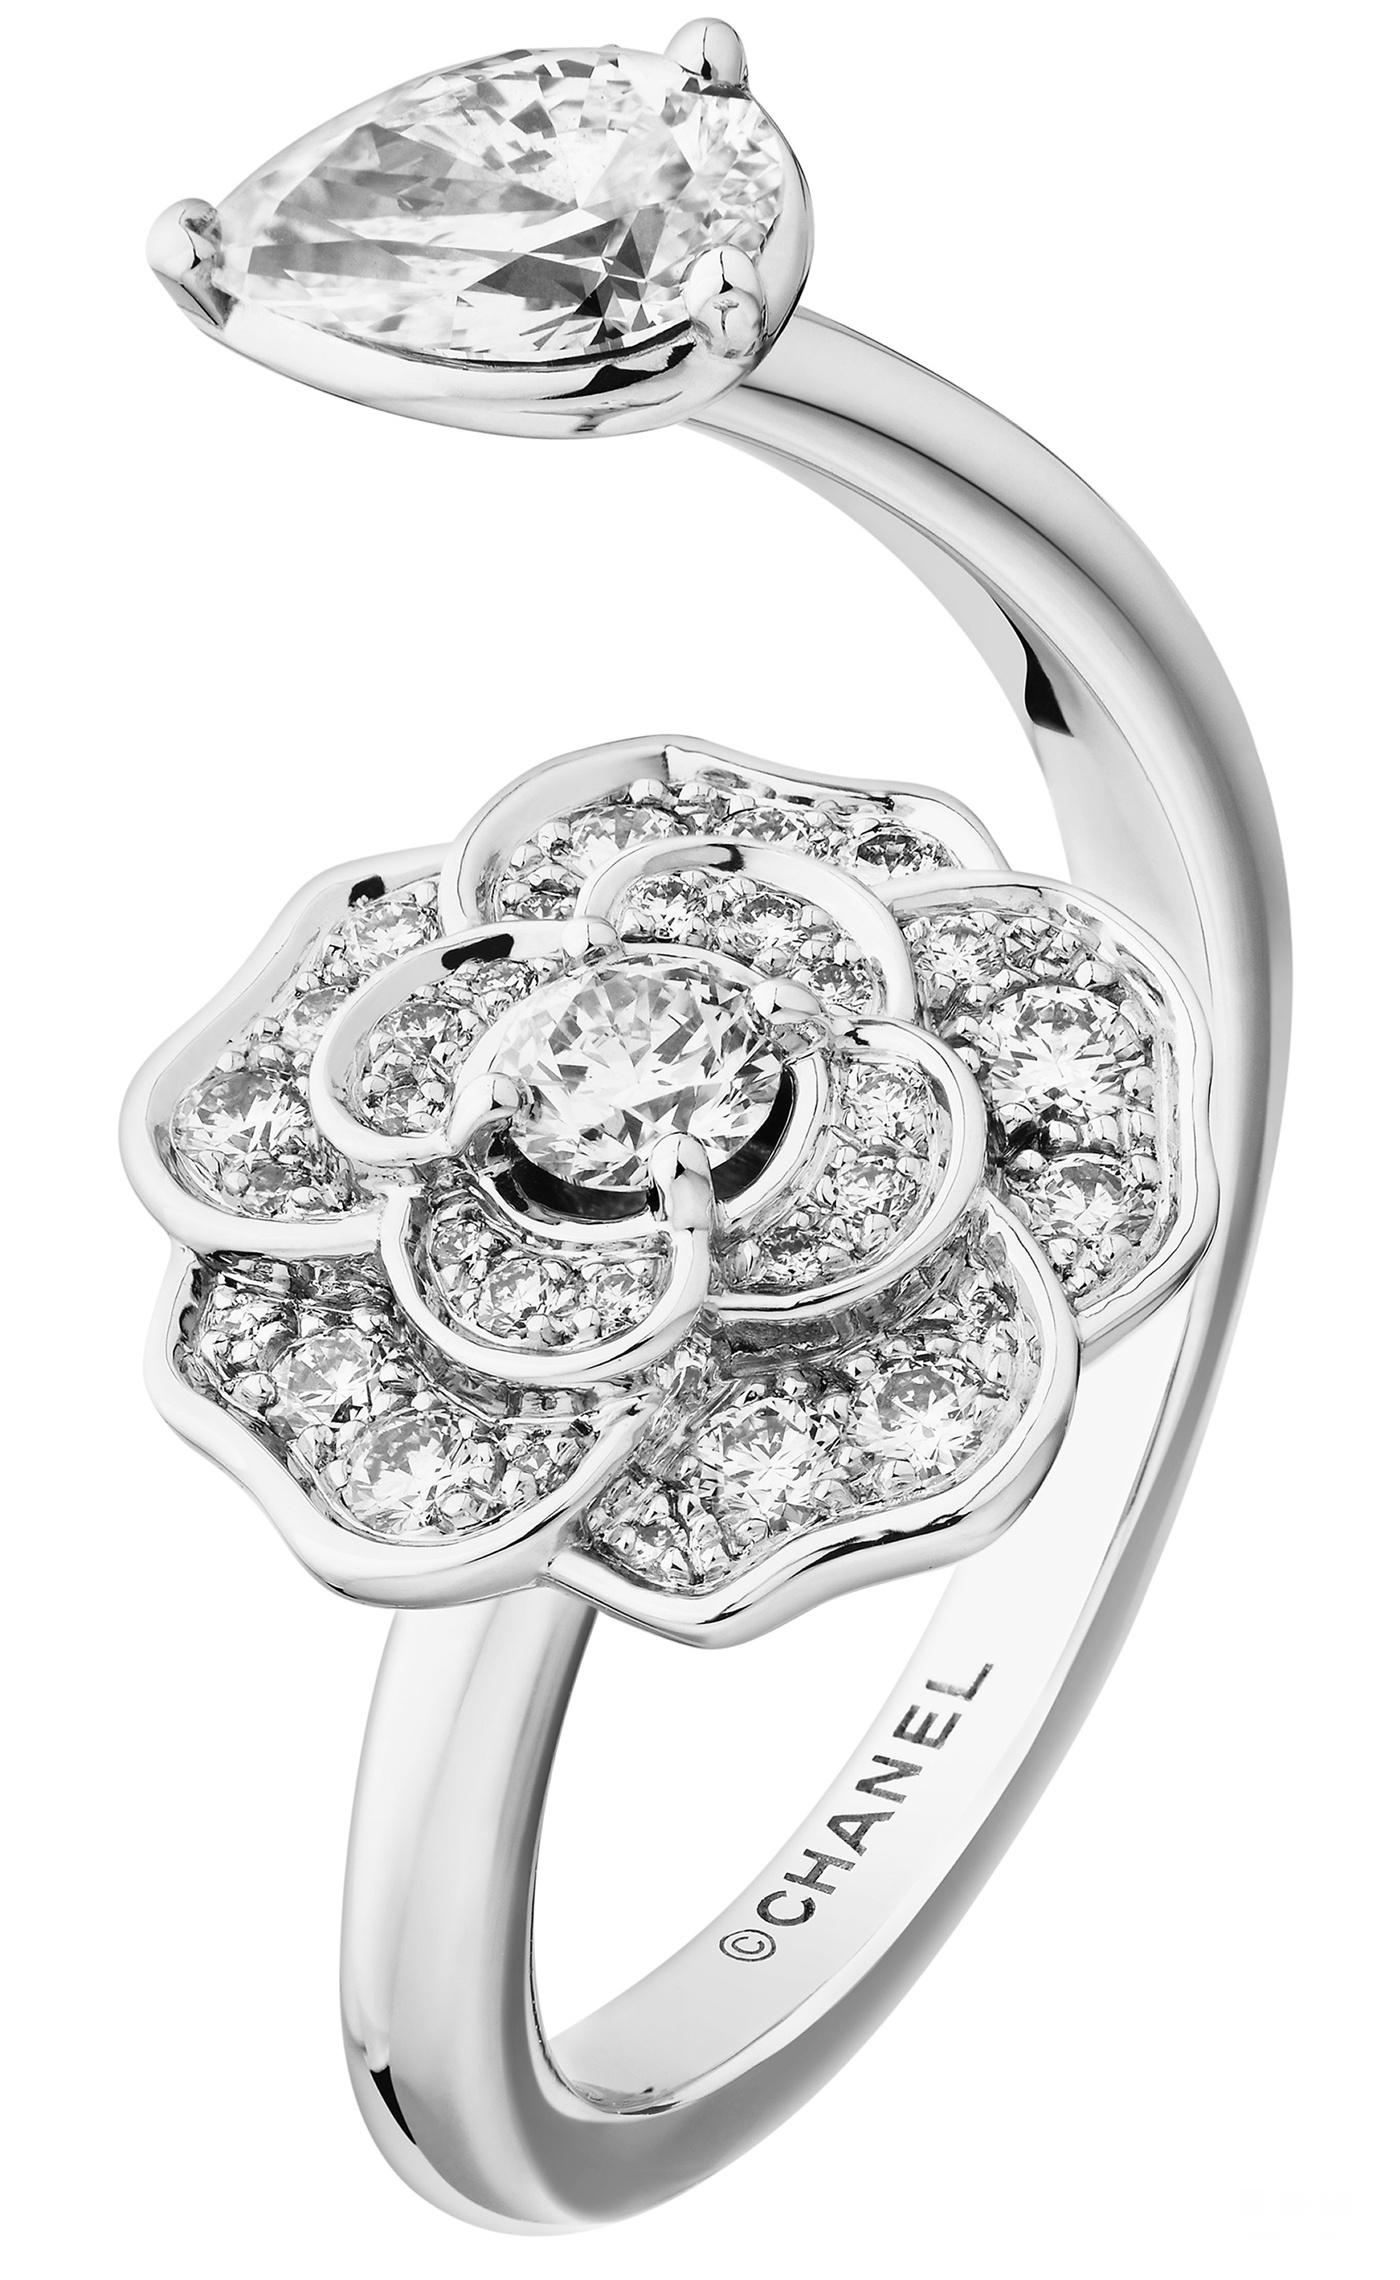 香奈儿高级珠宝BOUTON DE CAMELIA系列新品